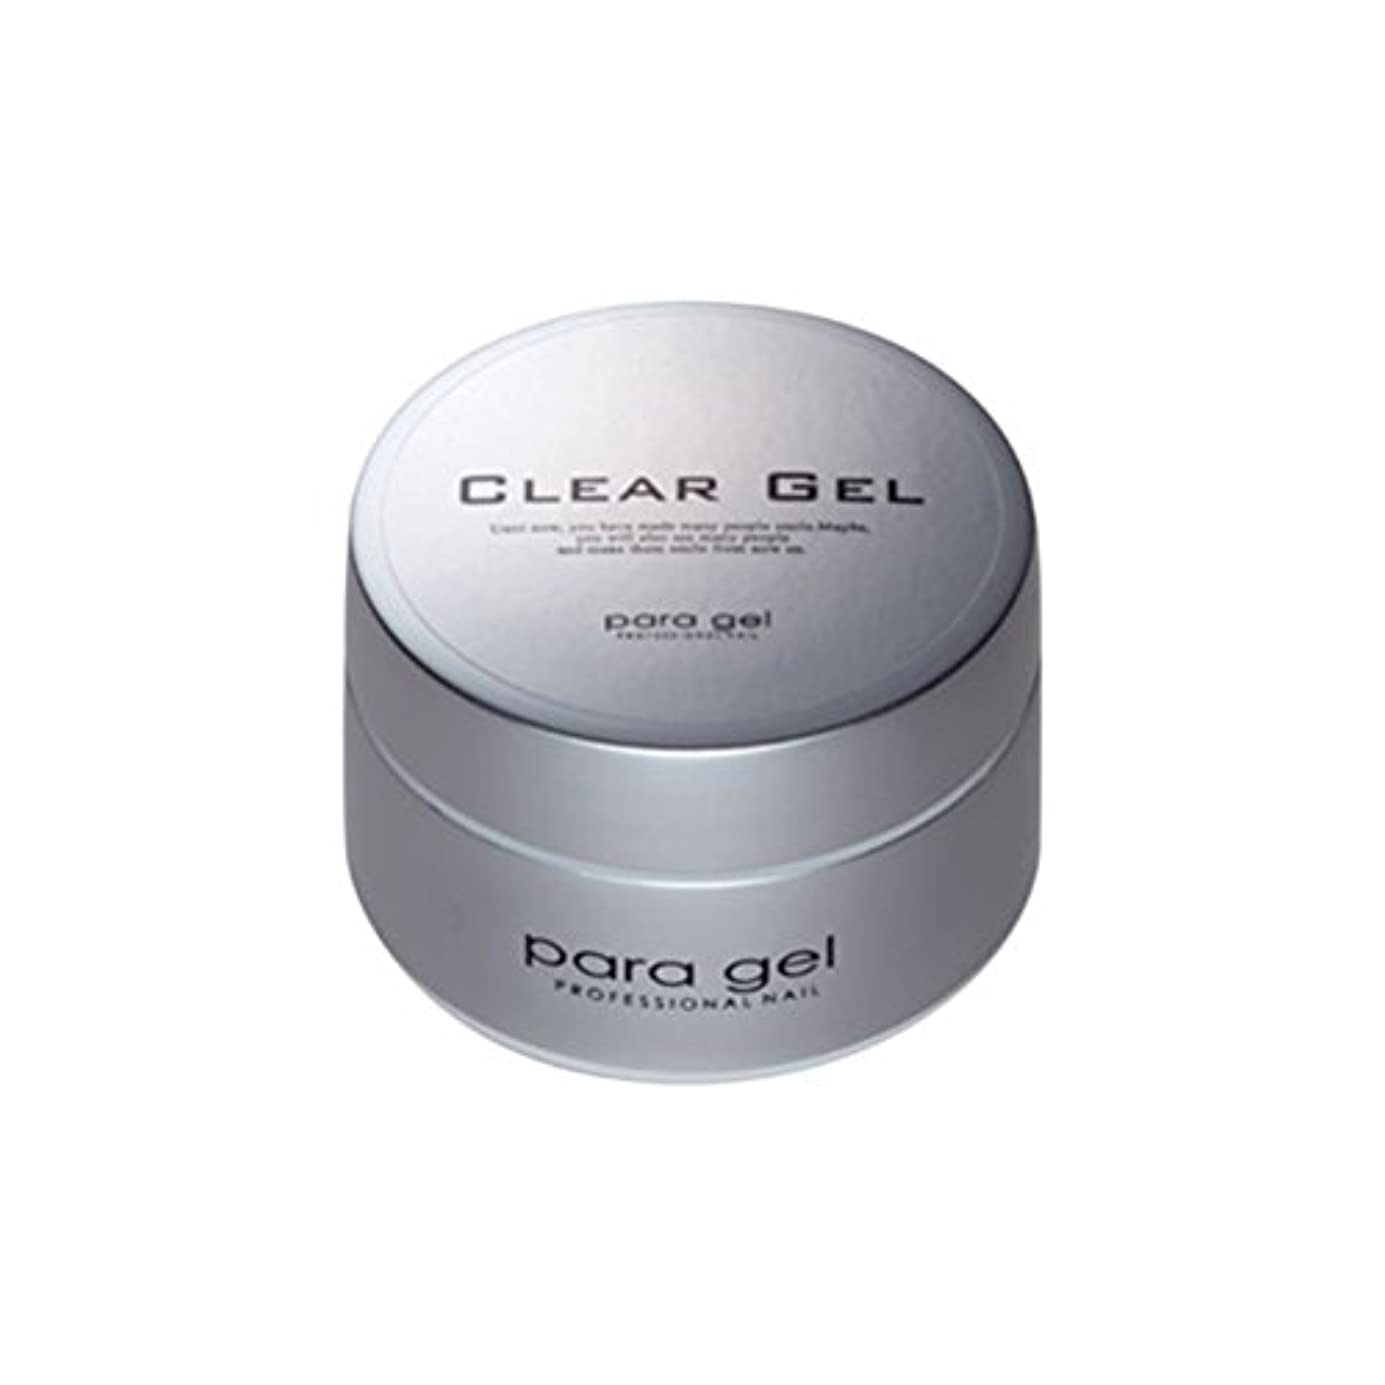 減少私たちの基礎para gel クリアジェル 10g サンディング不要のベースジェル